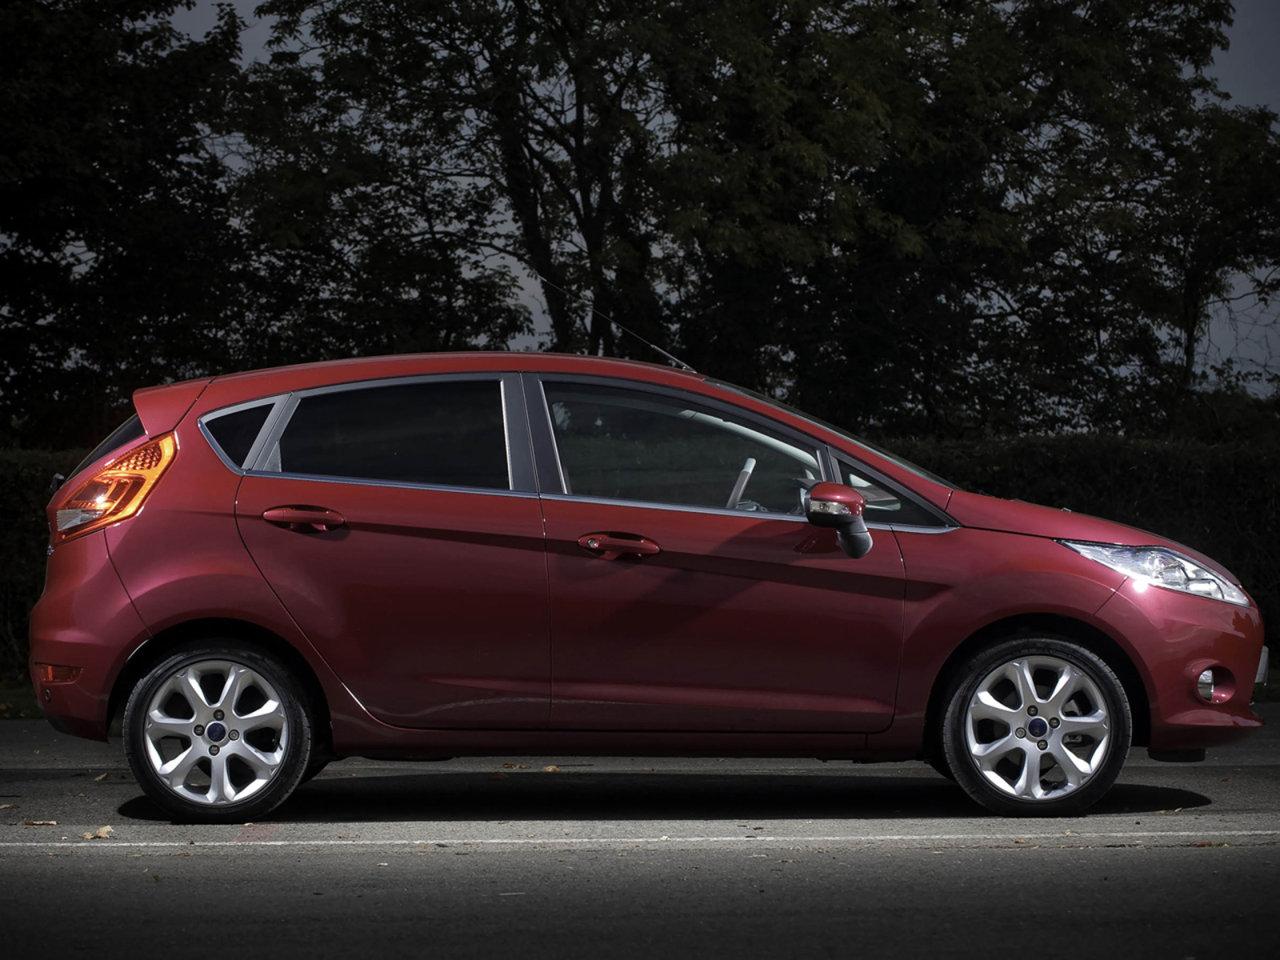 Фотографии автомобилей Ford Fiesta / Форд Фиеста (2008 ...